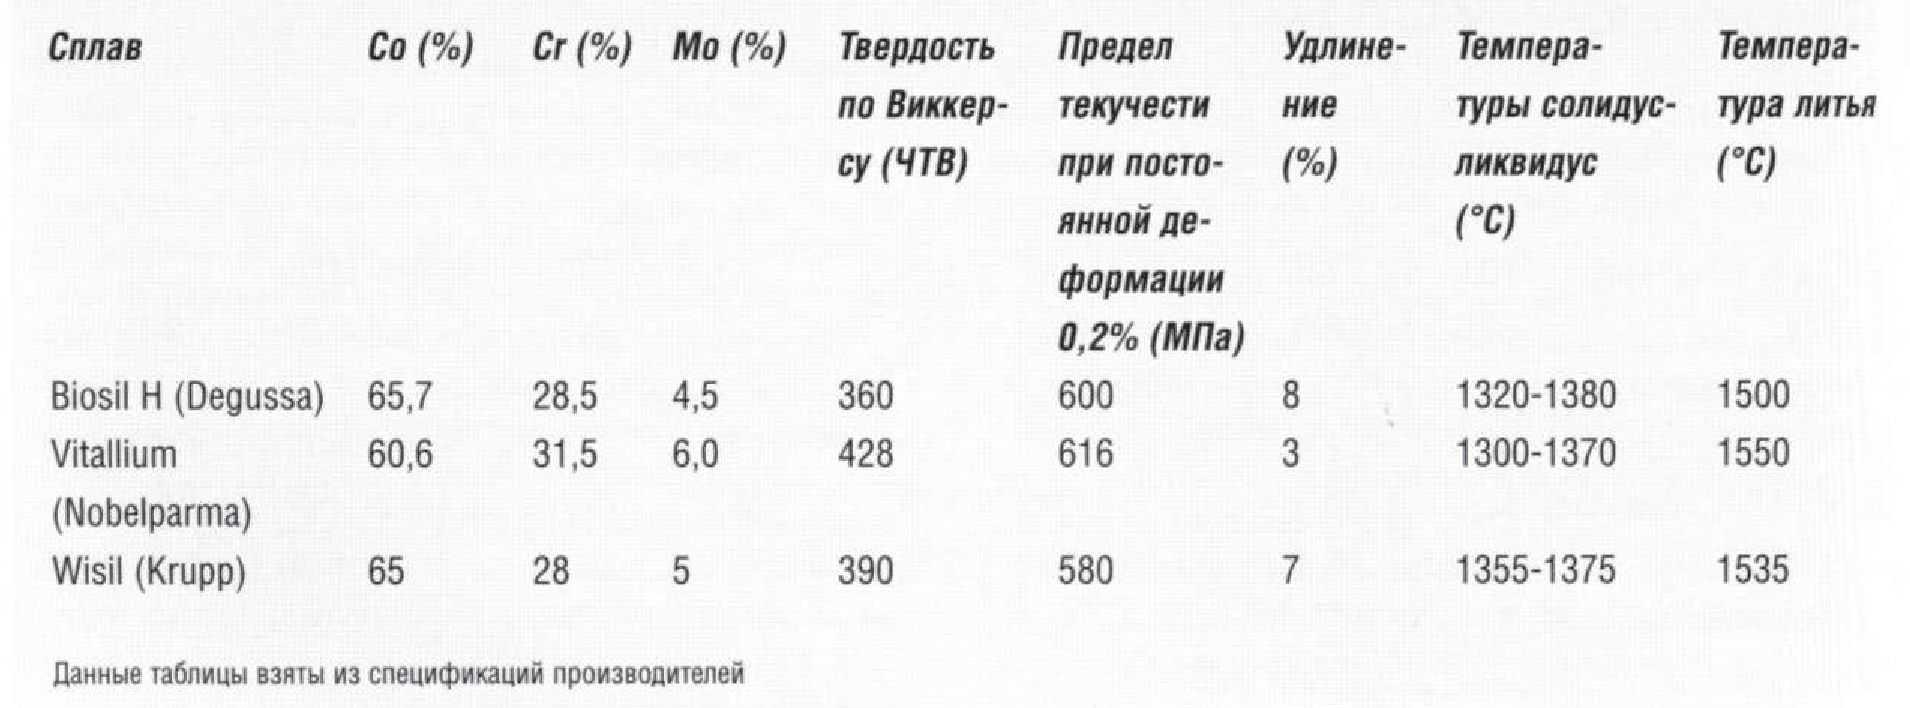 СПЛАВЫ НЕБЛАГОРОДНЫХ МЕТАЛЛОВ Таблица 3 3 6 Свойства некоторых кобальт хромовых сплавов